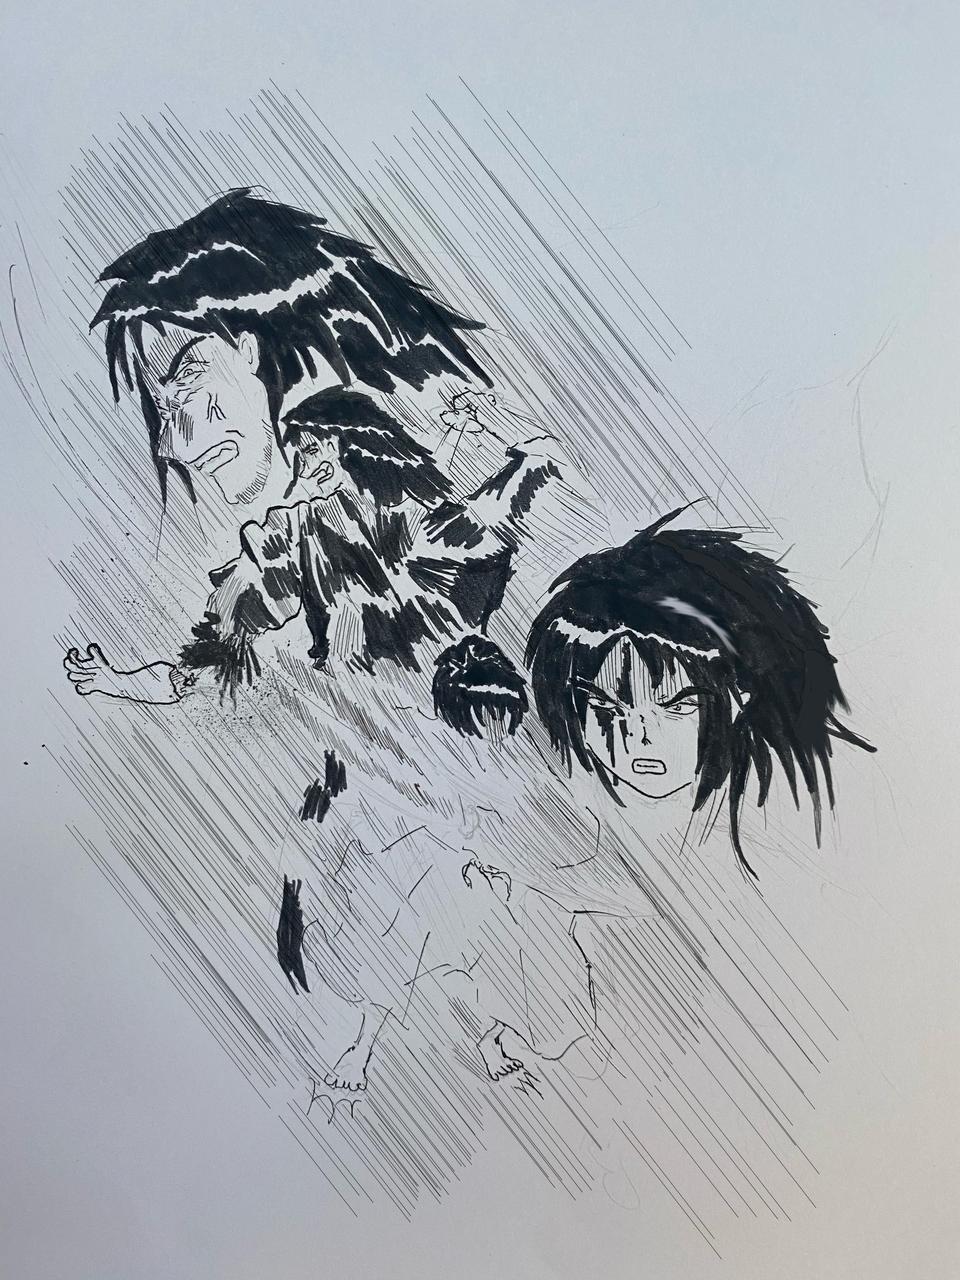 一騎打ち Illust of でップリン medibangpaint Comics 決闘 日本 時代劇 movie 侍